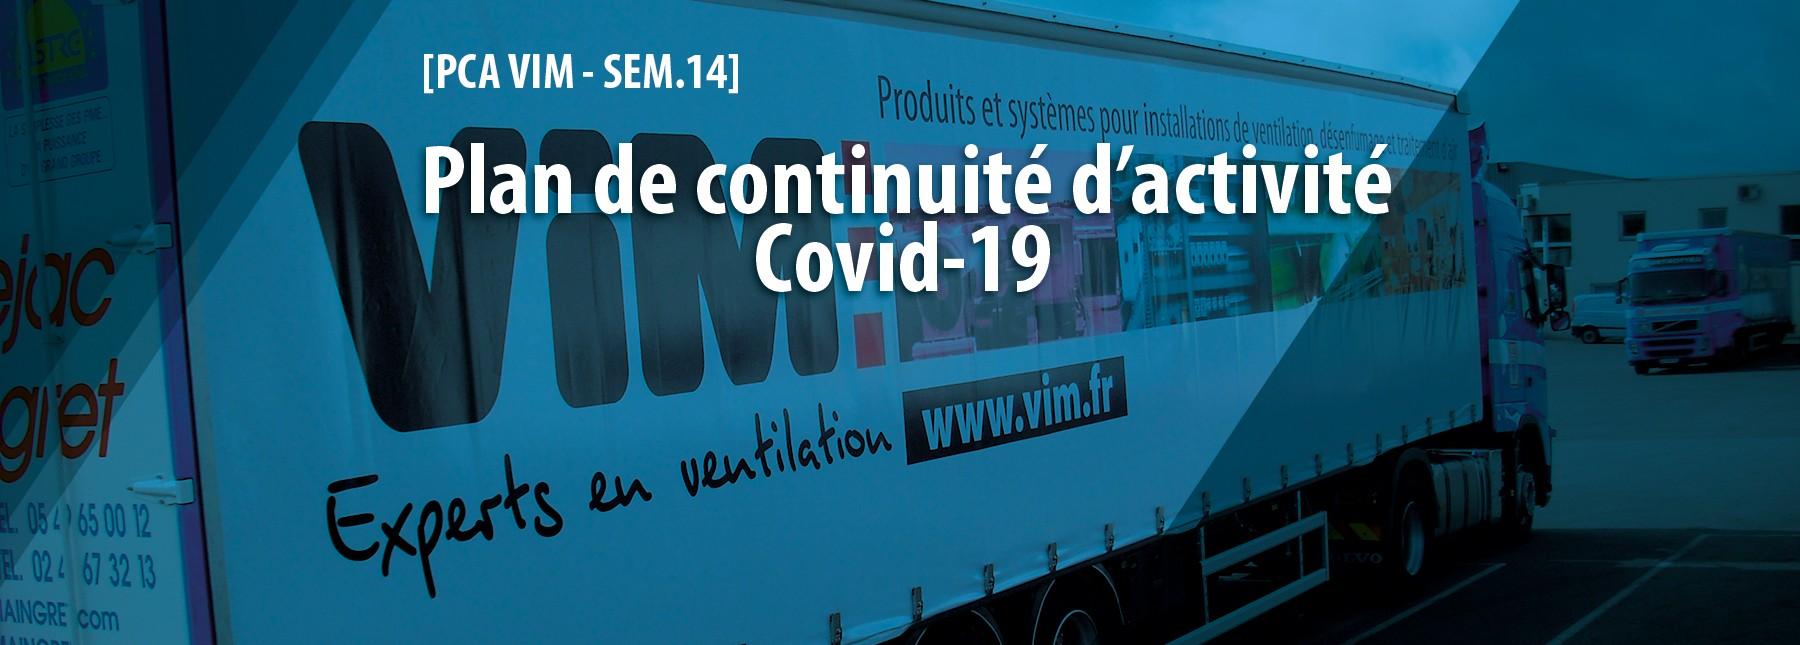 Plan de continuation d'activité Covid-19 VIM